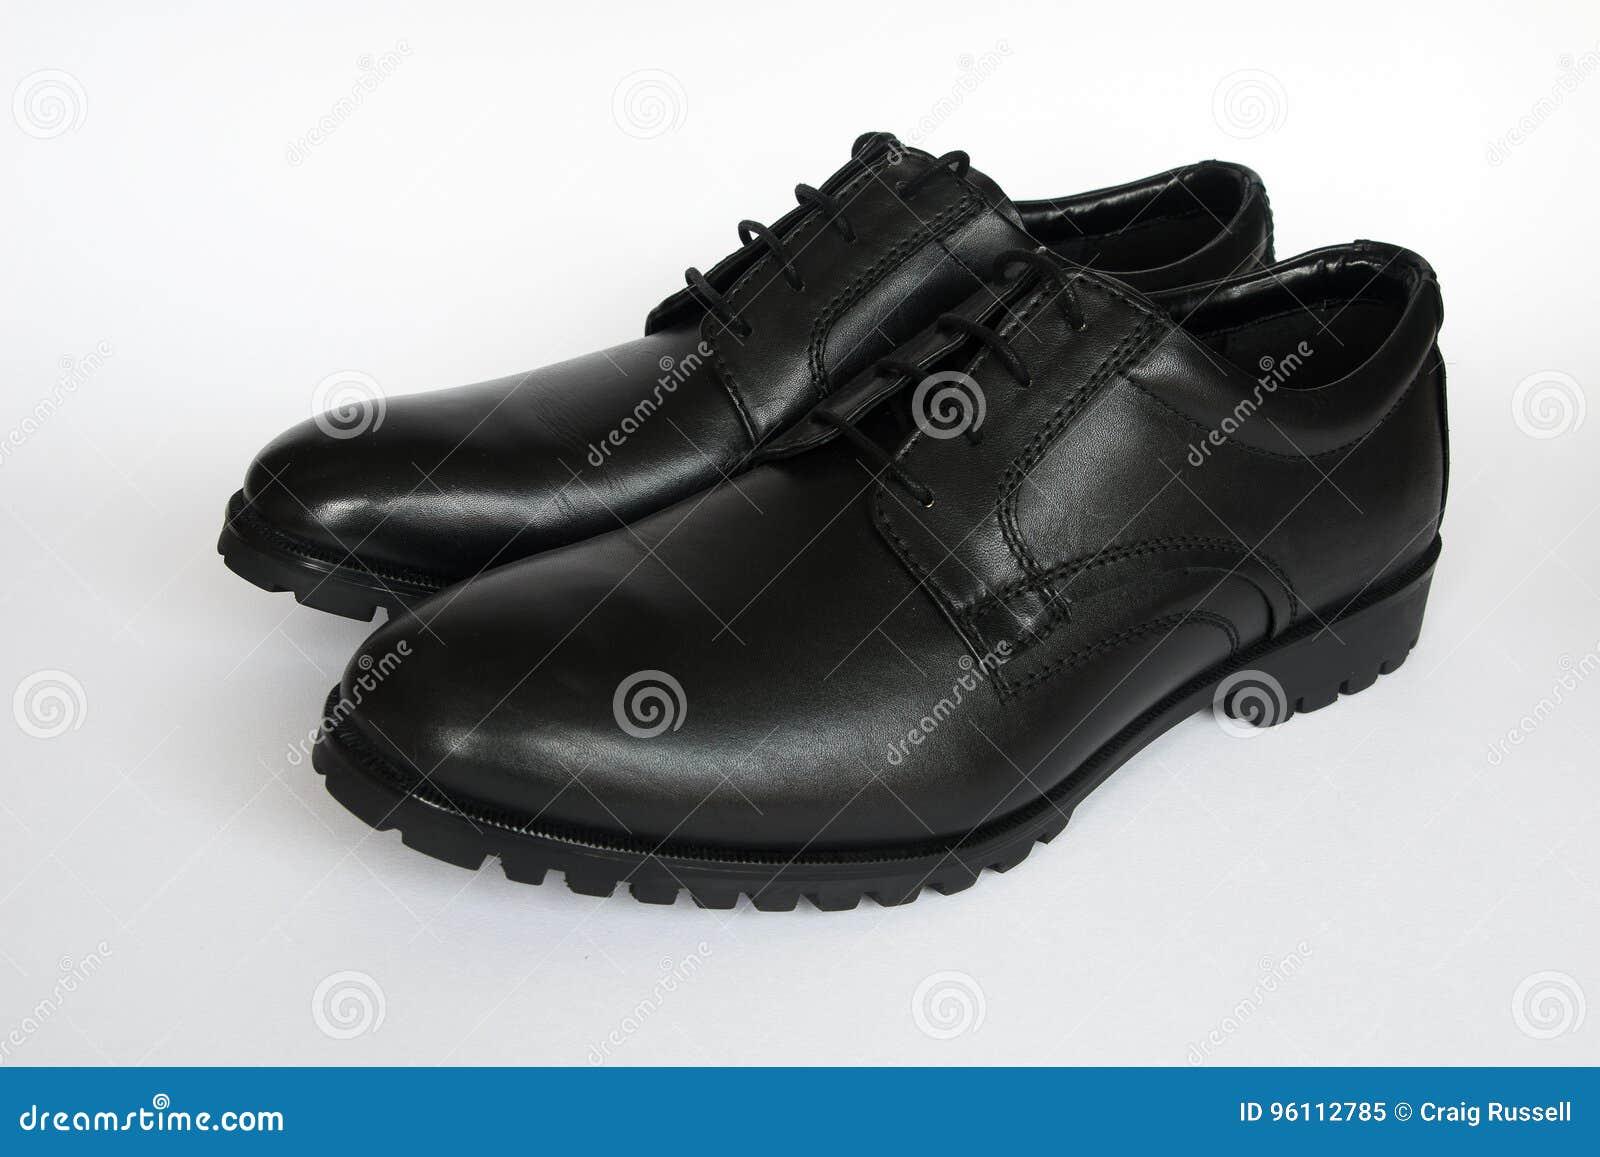 Un nuevo par de zapatos negros para hombre aislados en un fondo blanco fc7e0ce248ddc